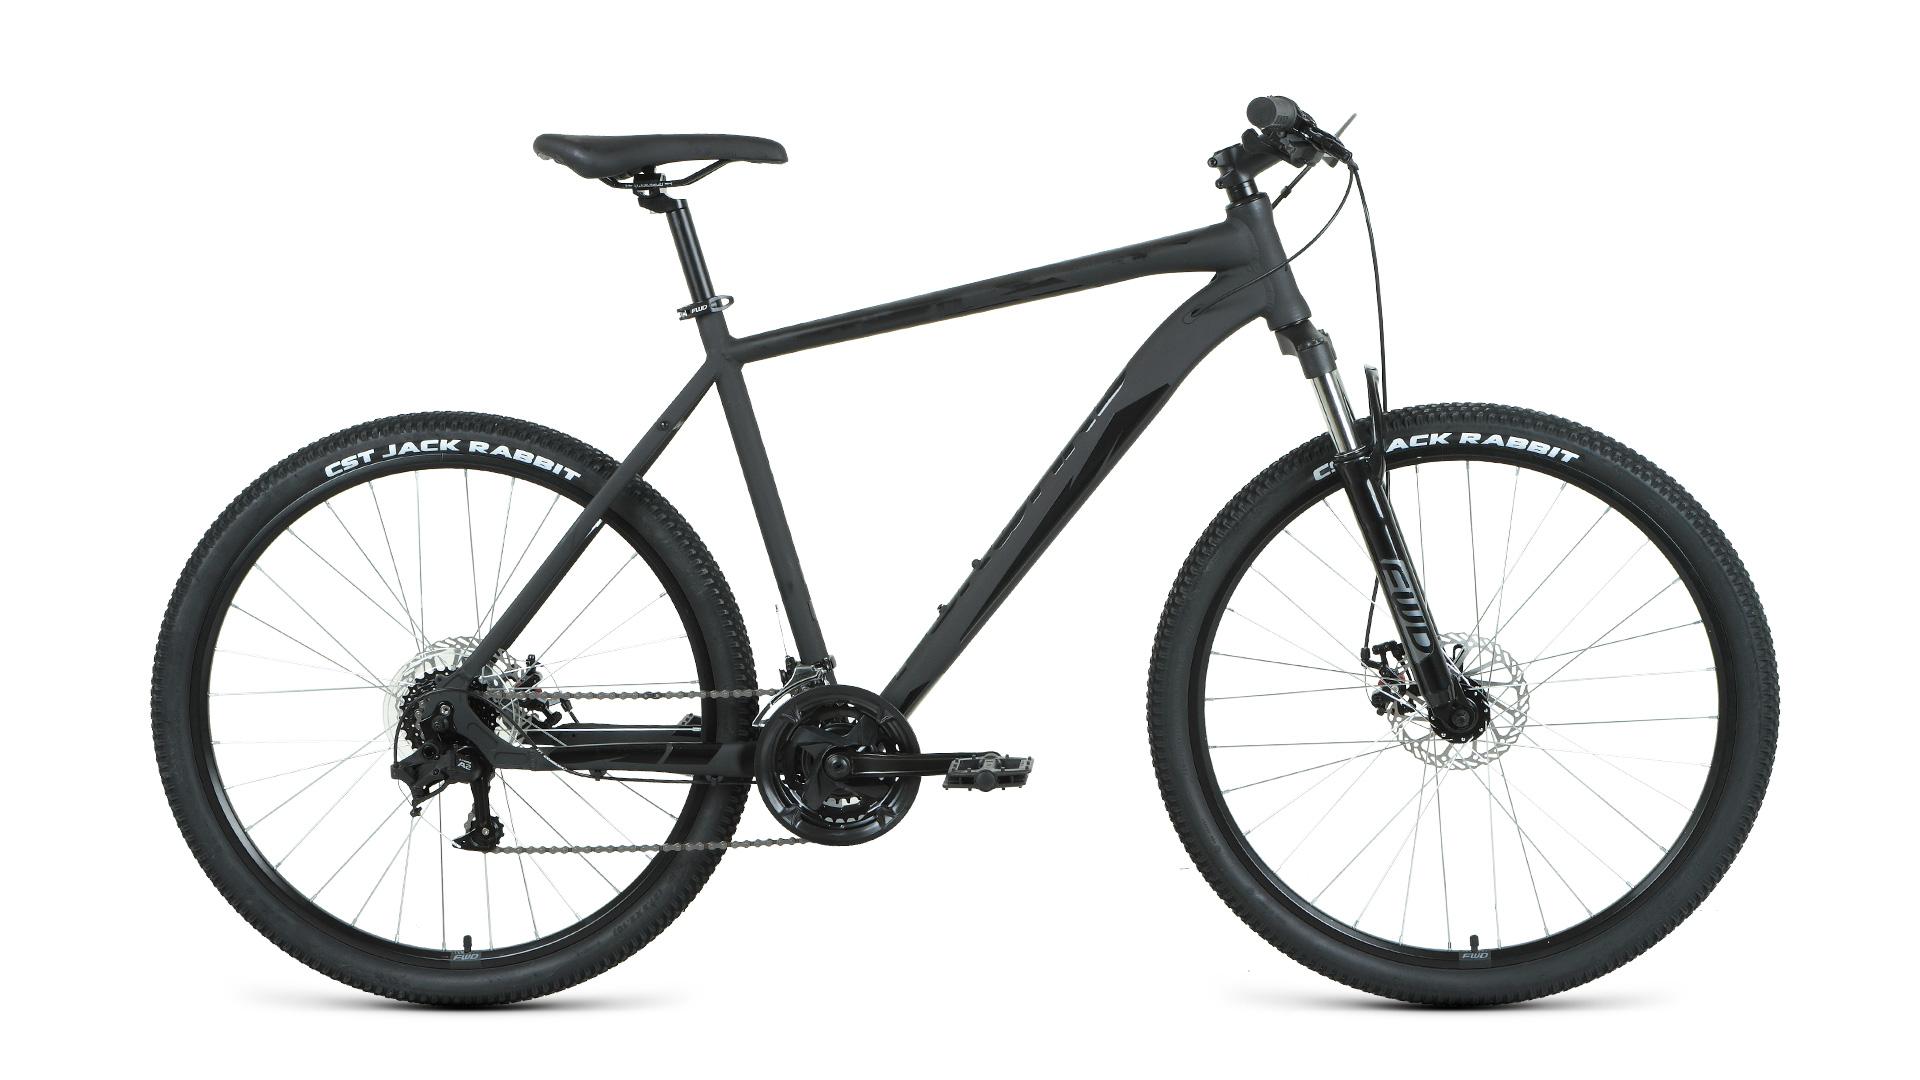 Горный (MTB) велосипед Forward Apache 2.0 Disc 27.5 (2020) 21 черный/матовый/черный (требует финальной сборки)